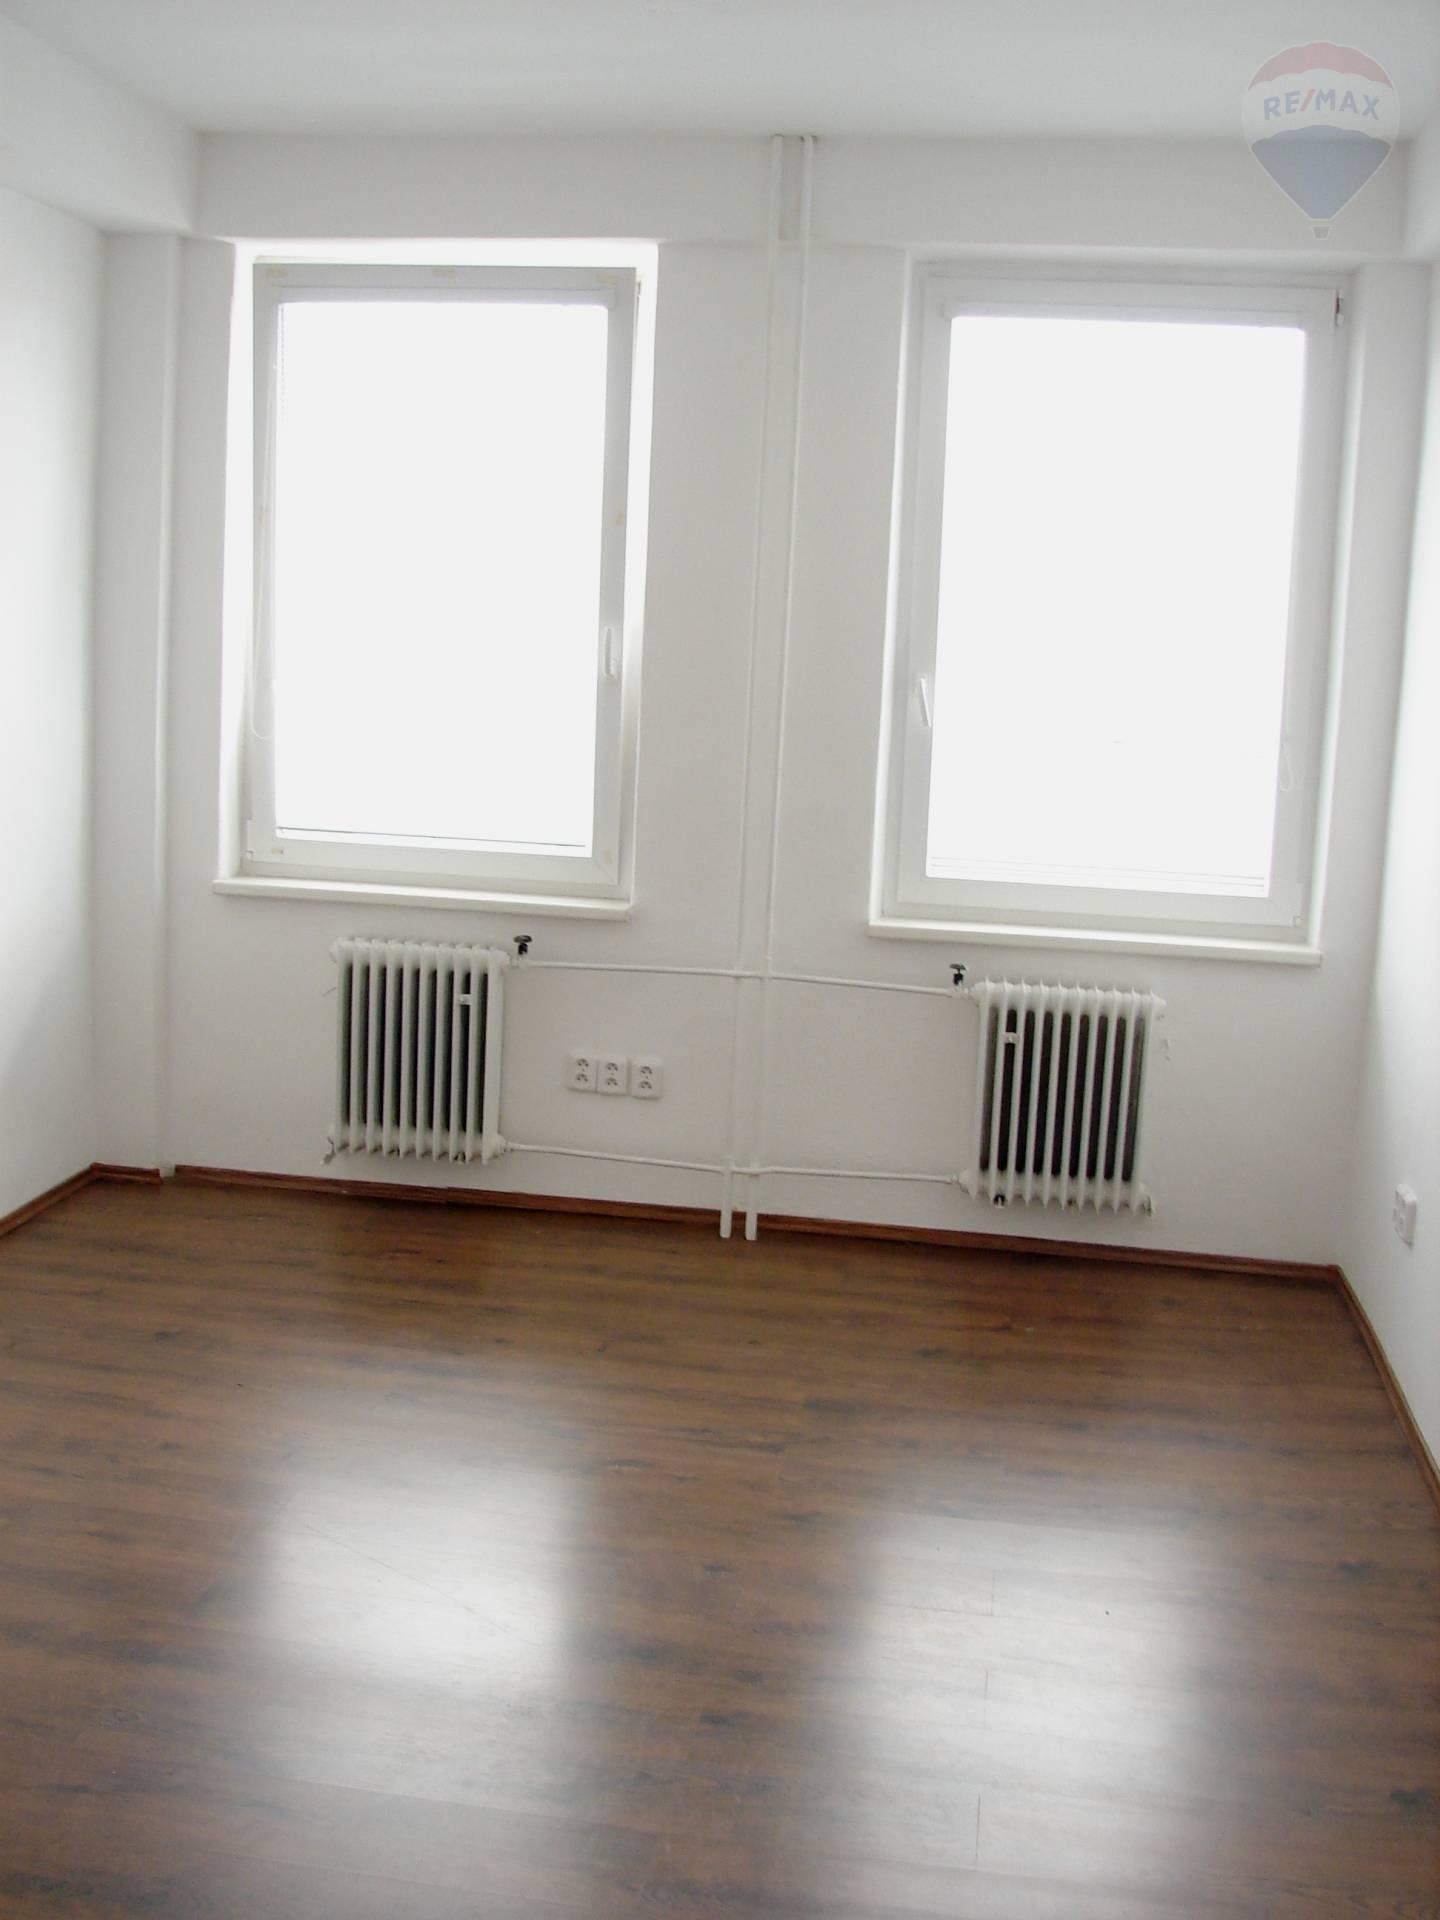 PRENÁJOM: kancelárie 32 m2, Ružinov, parkovacie miesto v cene